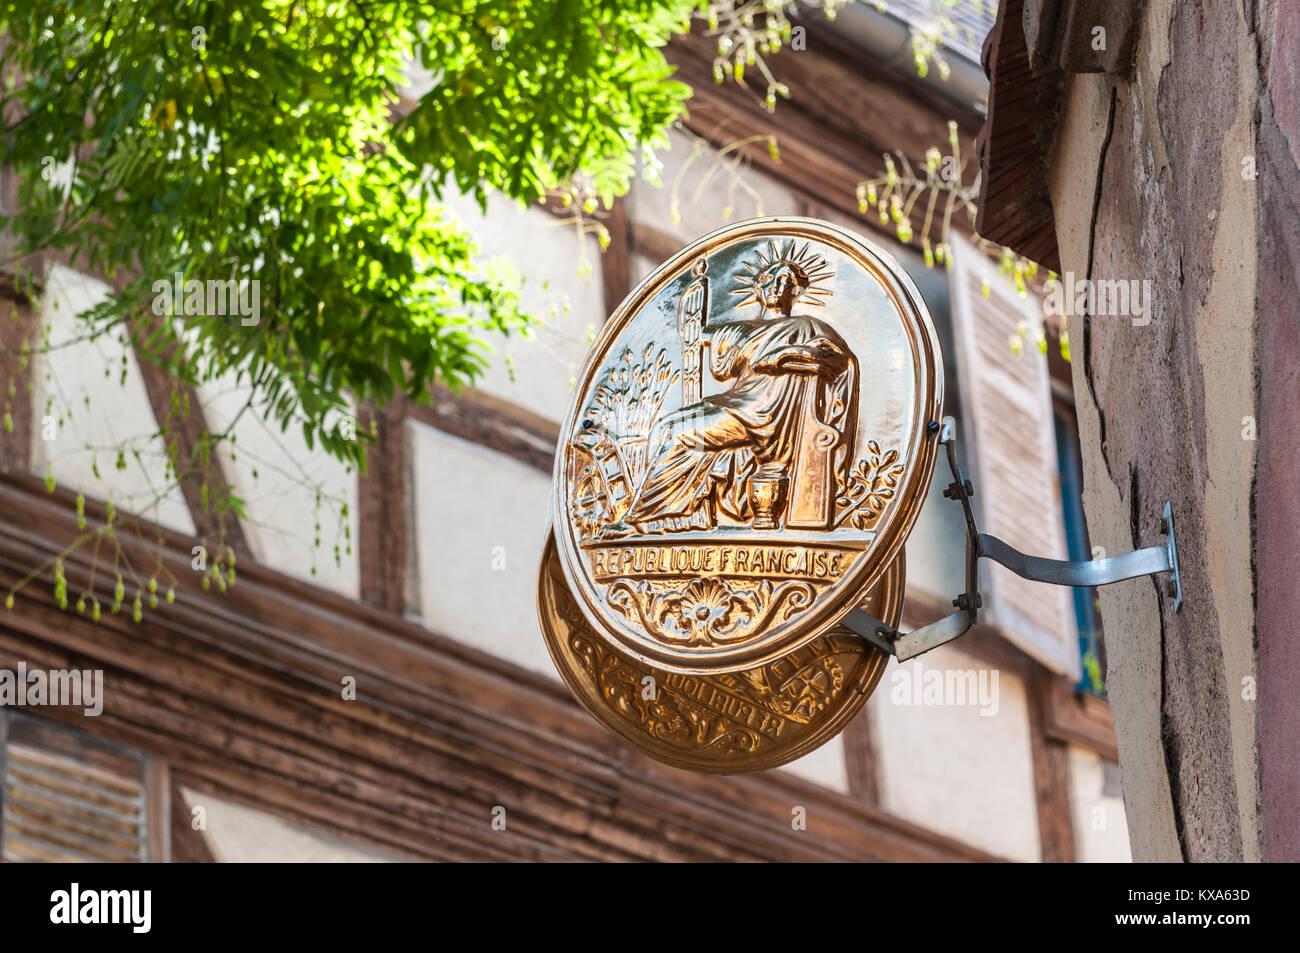 Brass plaque denoting official offices republique francais